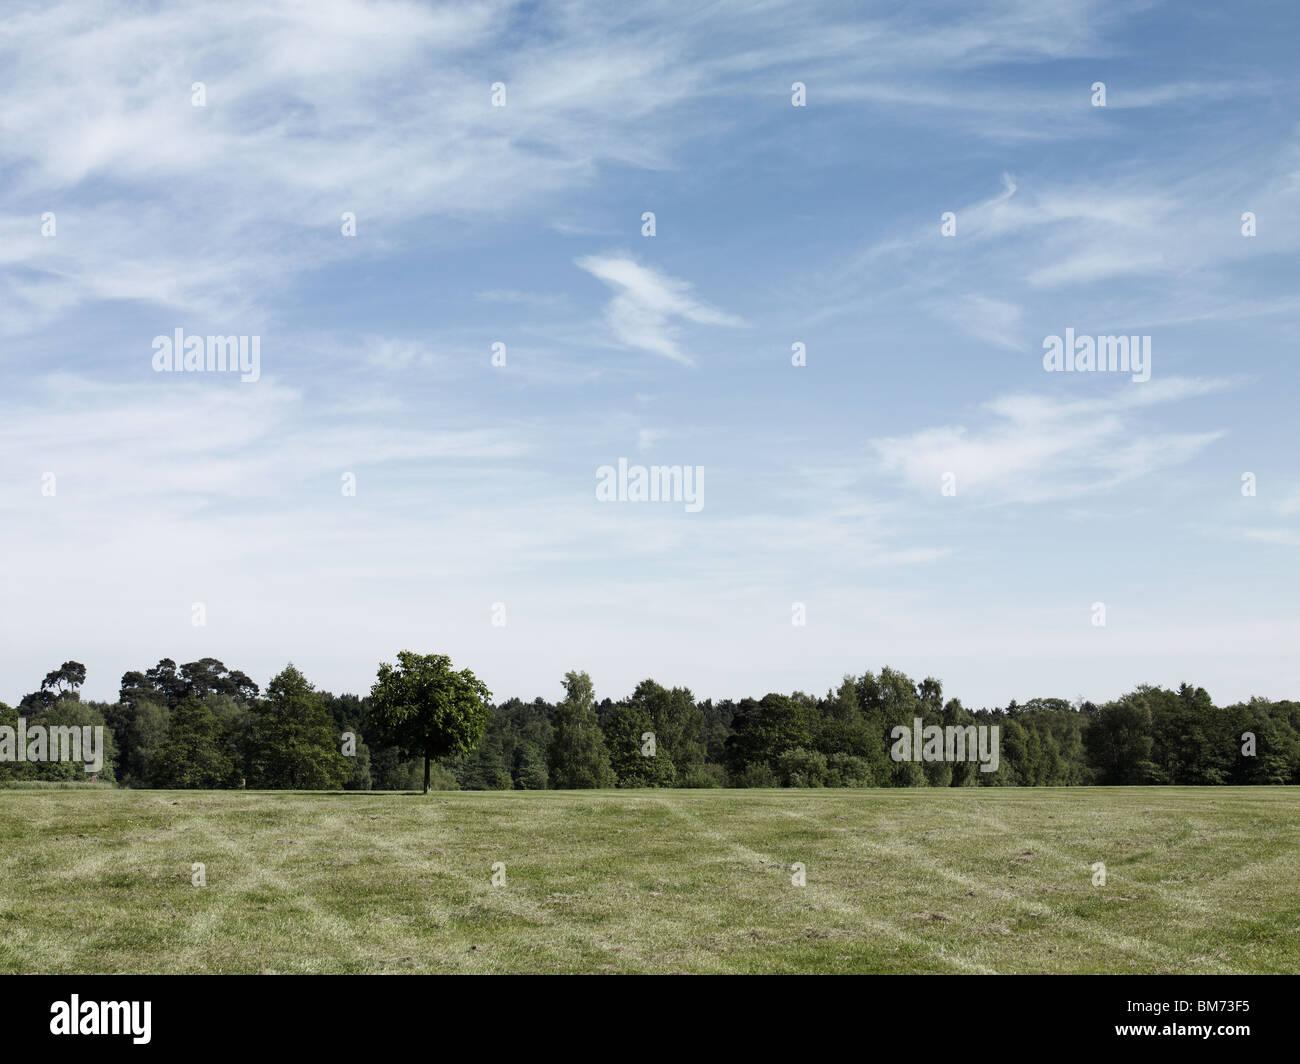 Image paysage d'un parking dans un champ, montrant les traces de pneu sur l'herbe, des arbres et un ciel Photo Stock